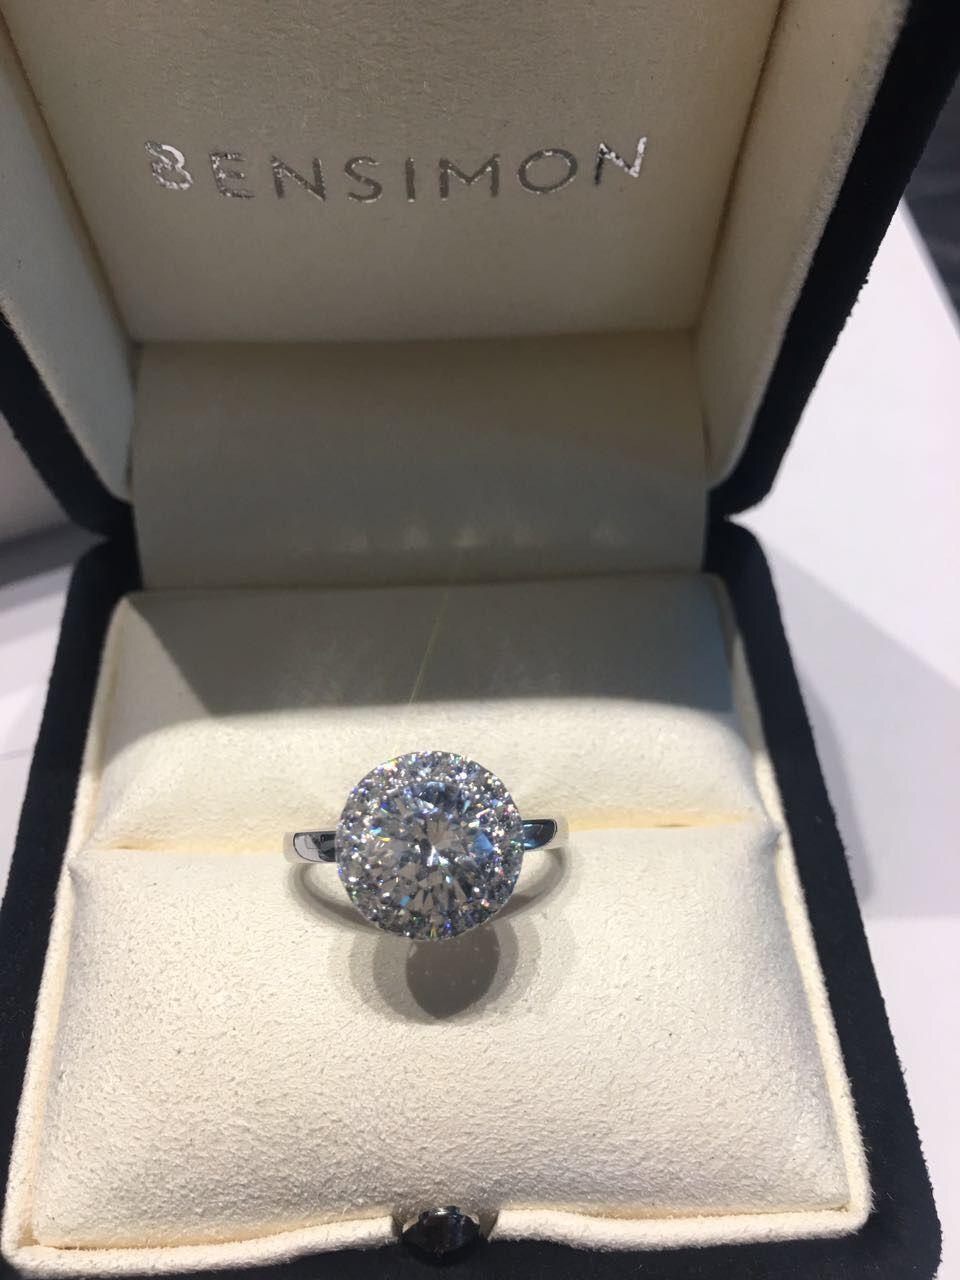 Pin by Bensimon Diamonds on Daily Diamonds Beautiful